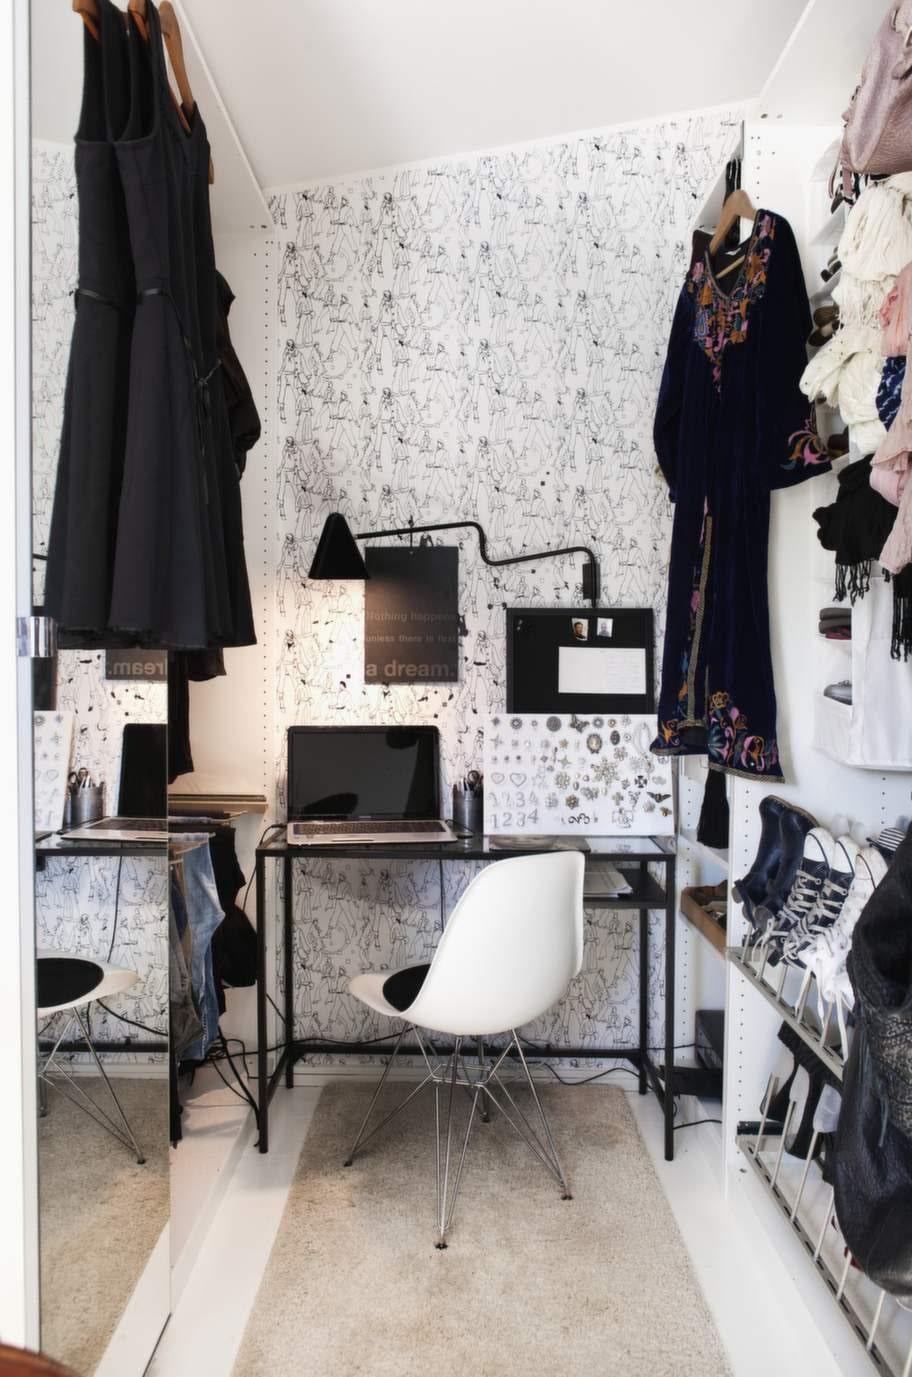 I garderoben ryms även en liten arbetshörna med klassisk Eamesstol och skrivbord och lampa från Ikea. Tapet från Rusta.